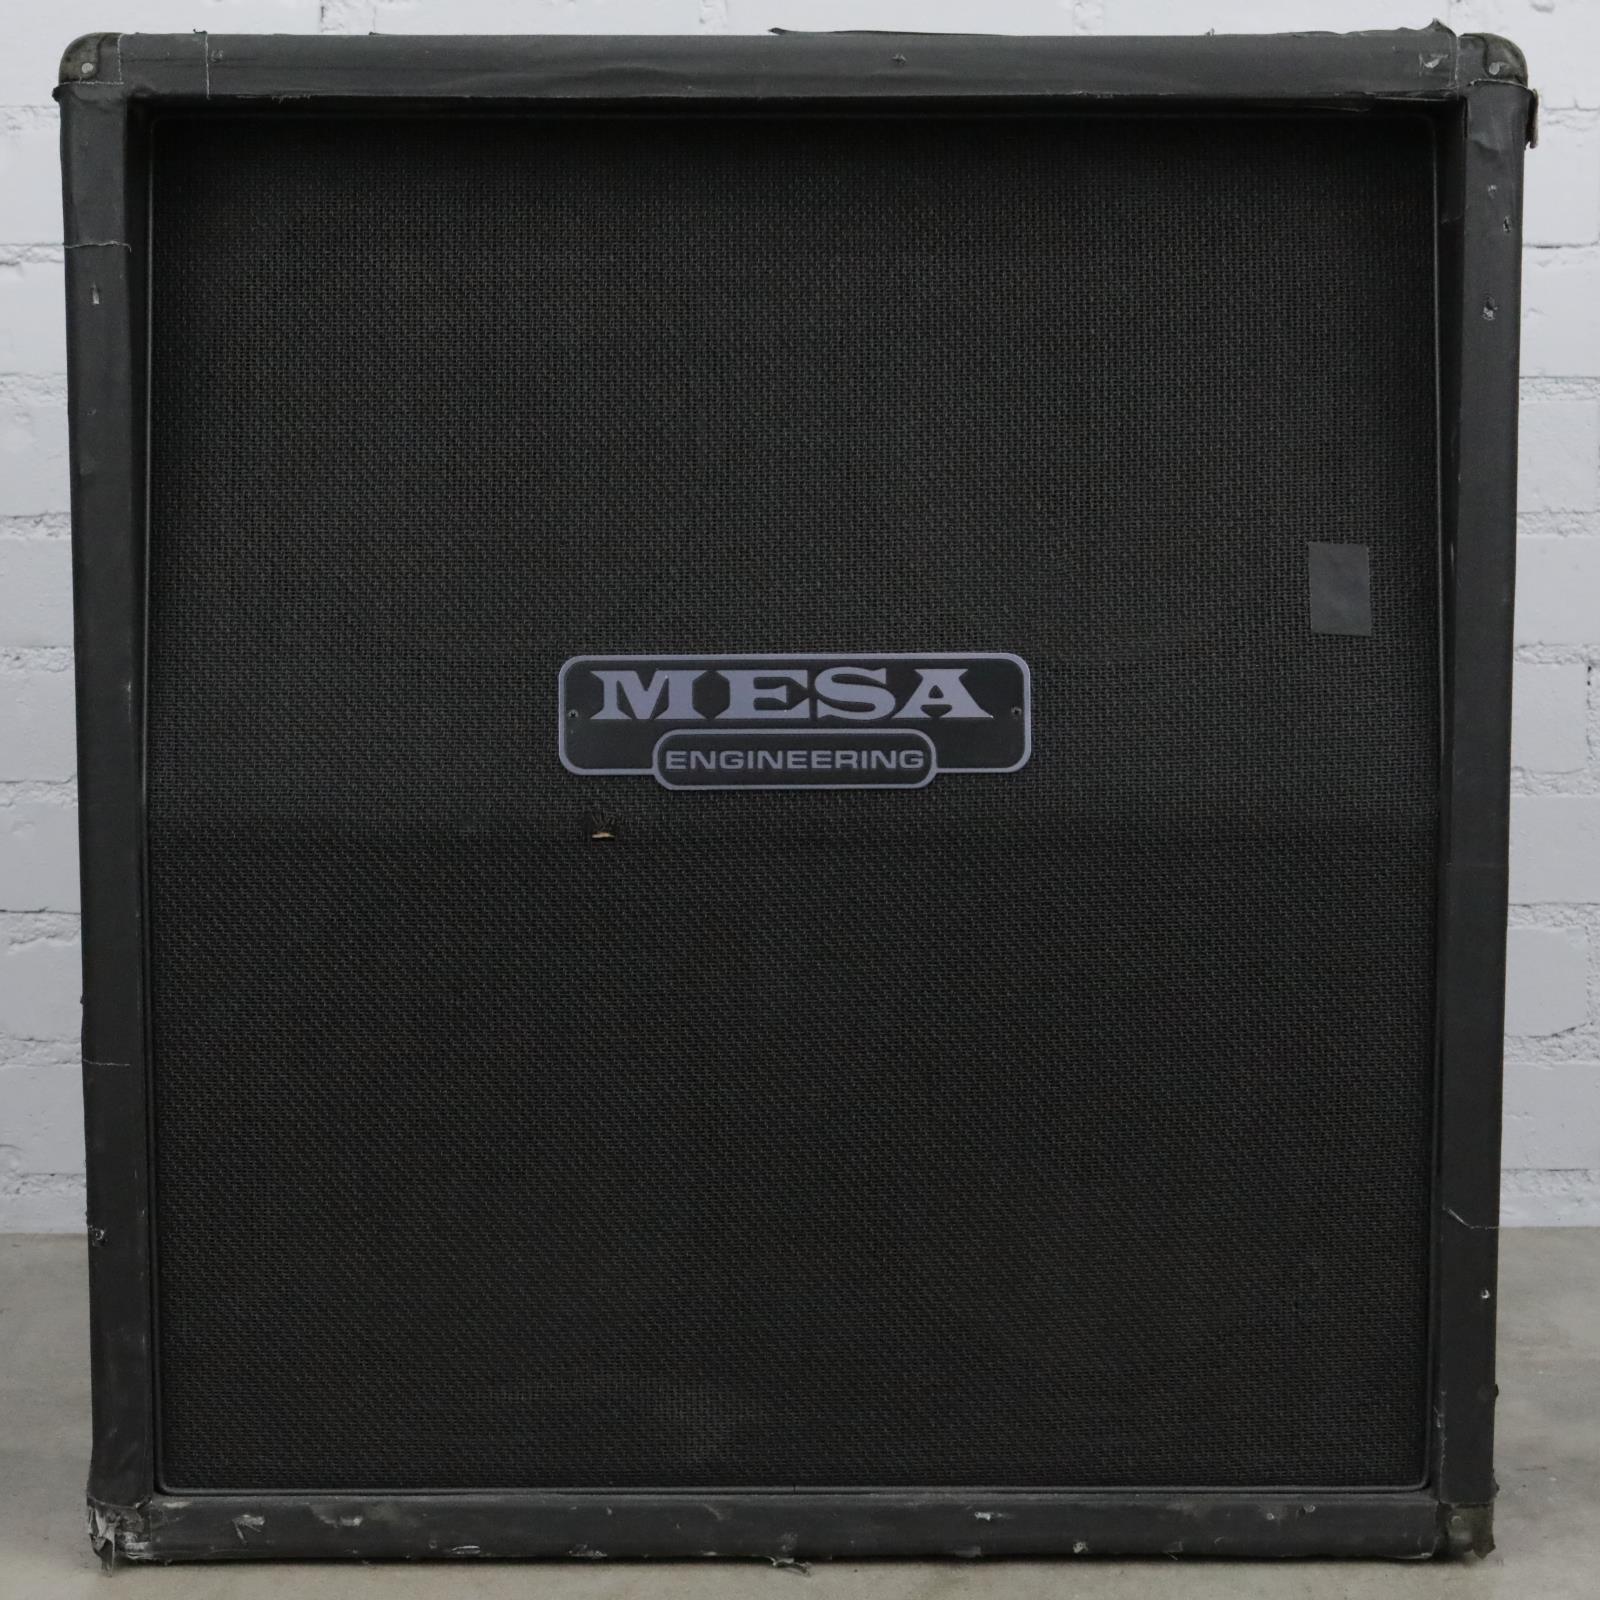 Mesa Engineering 4FB 4x12 Straight Cab Celestion G12 Vintage 30 Speakers #40737